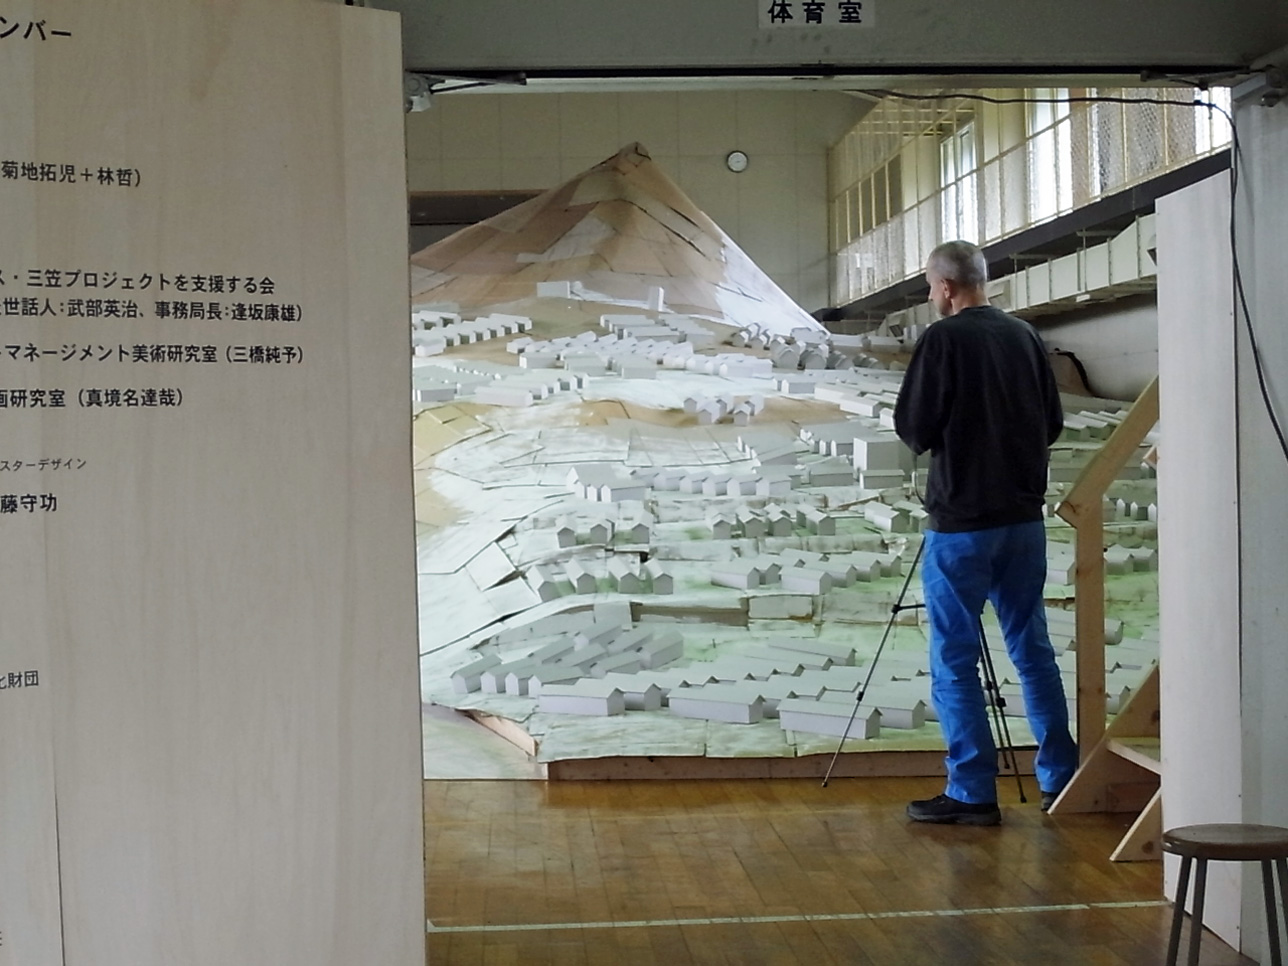 石蔵写真展/レオ・ファンダークレイ(オランダ)_c0189970_1829360.jpg